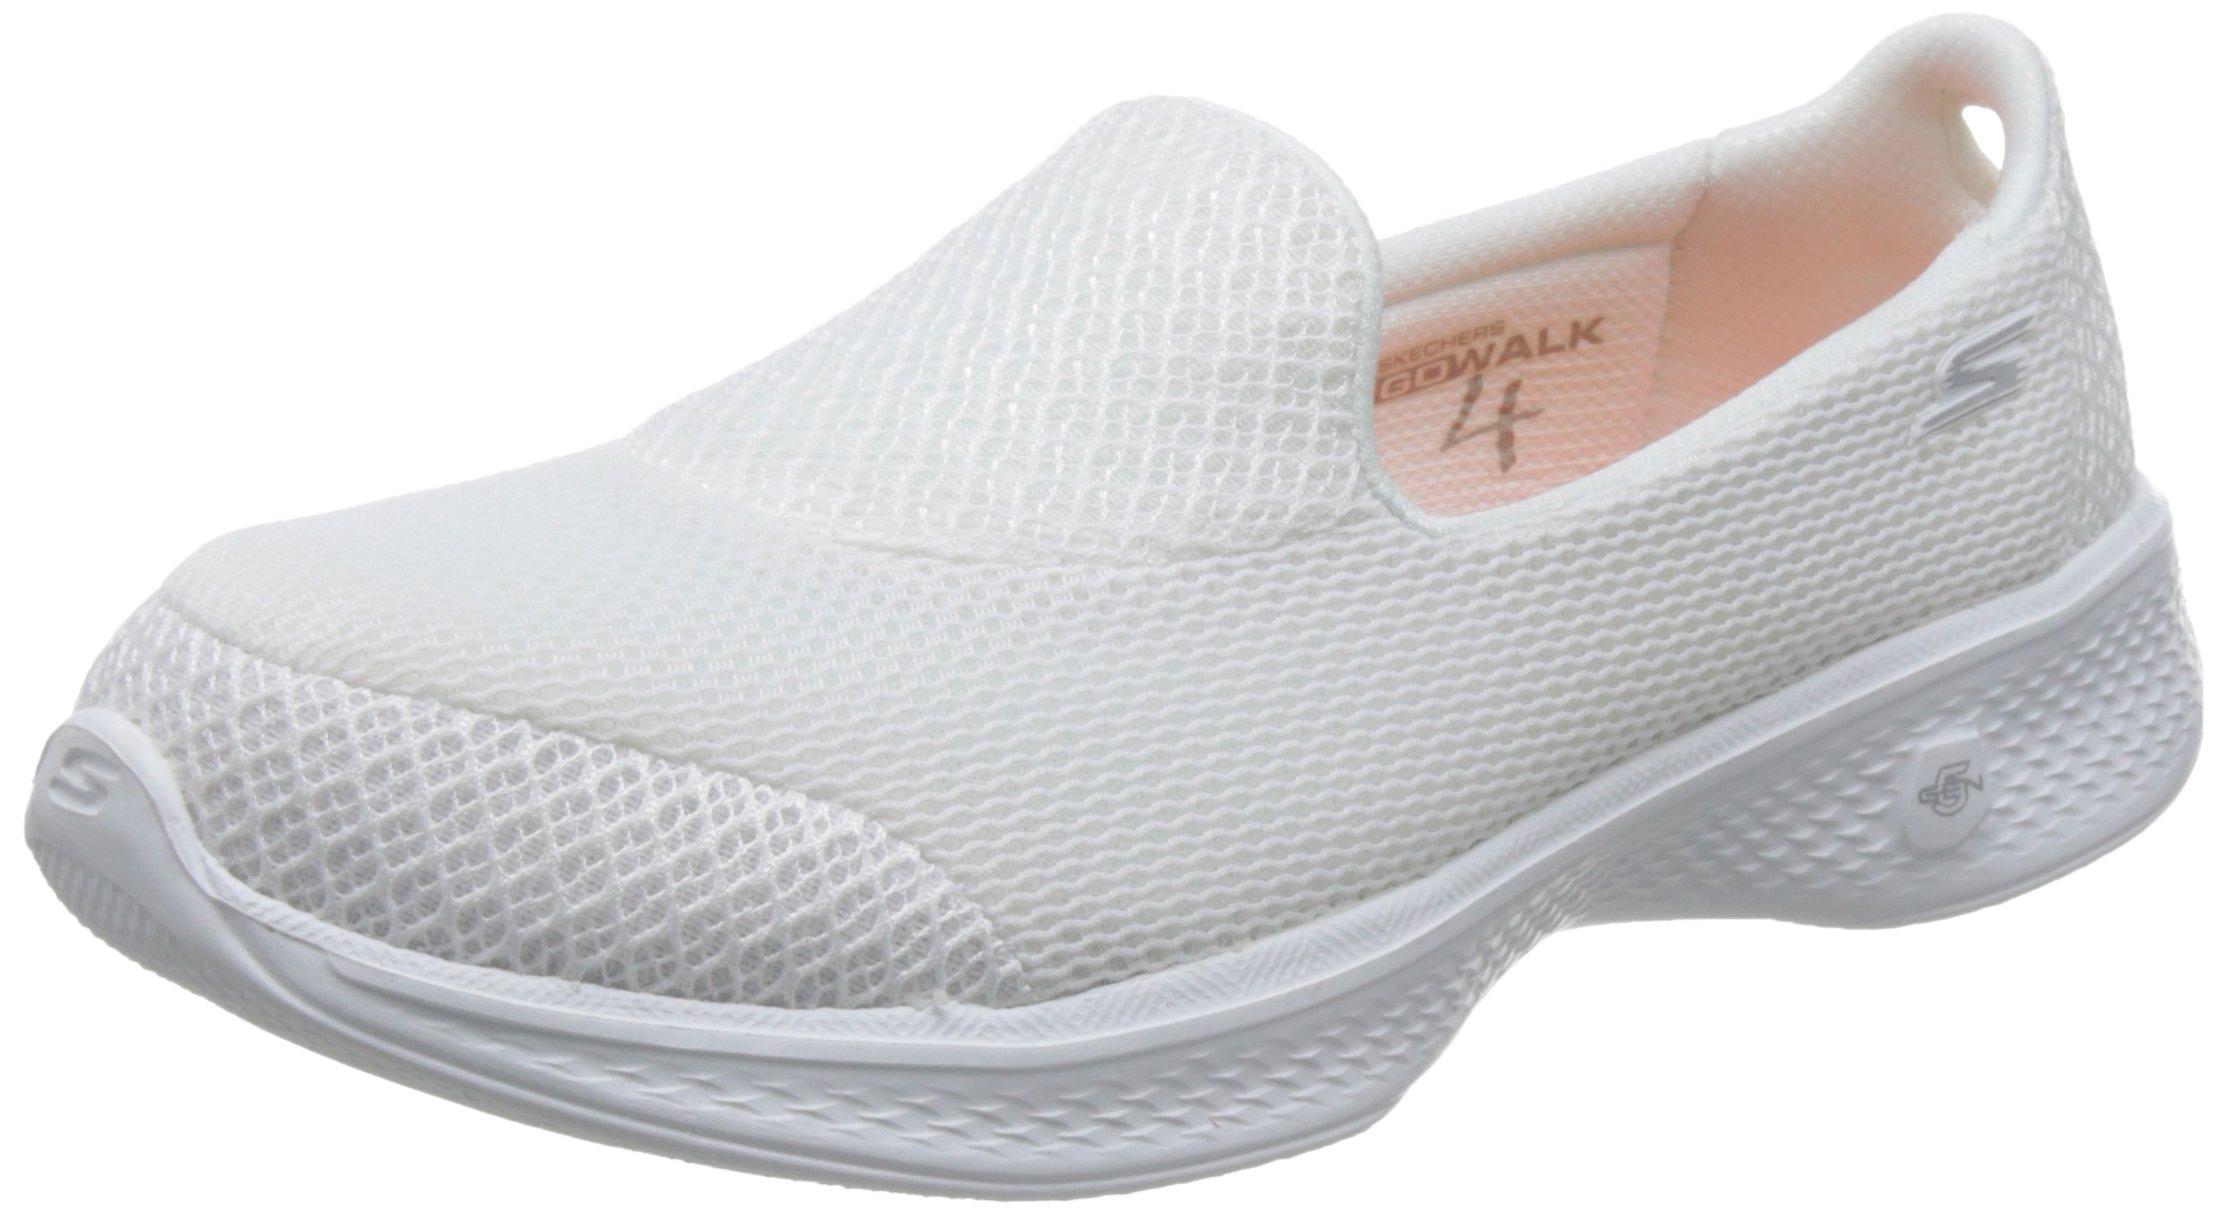 23d4308f843b Galleon - Skechers Go Walk 4 Propel Womens Slip On Walking Shoes White 8